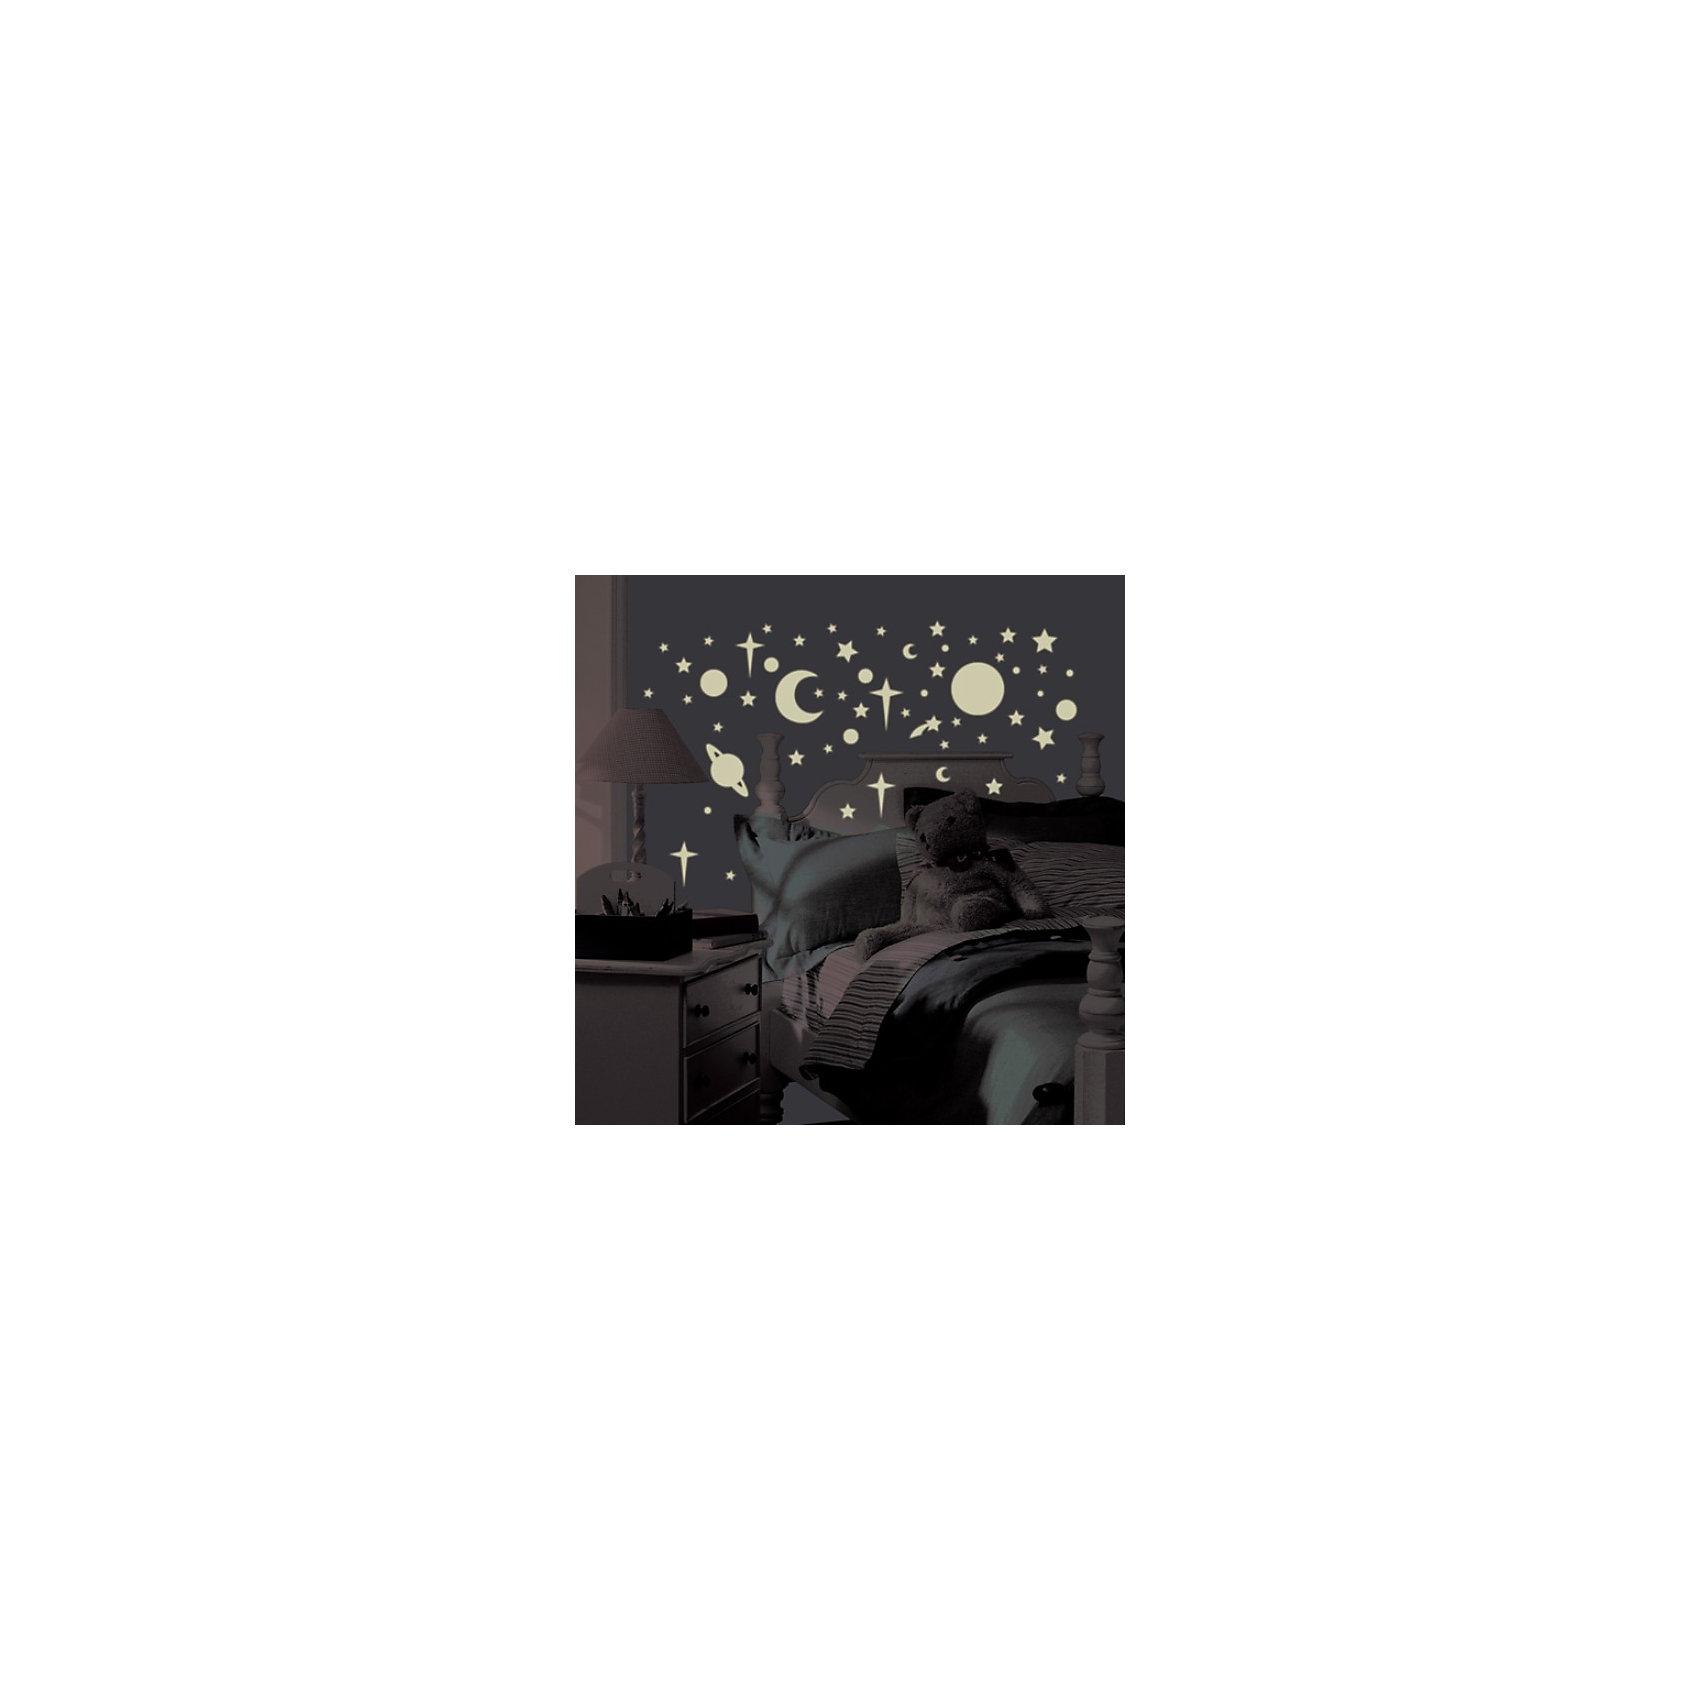 RoomMates Наклейки для декора Планеты и звёзды наклейки интерьерные roommates наклейки для декора зебра полоски розовые